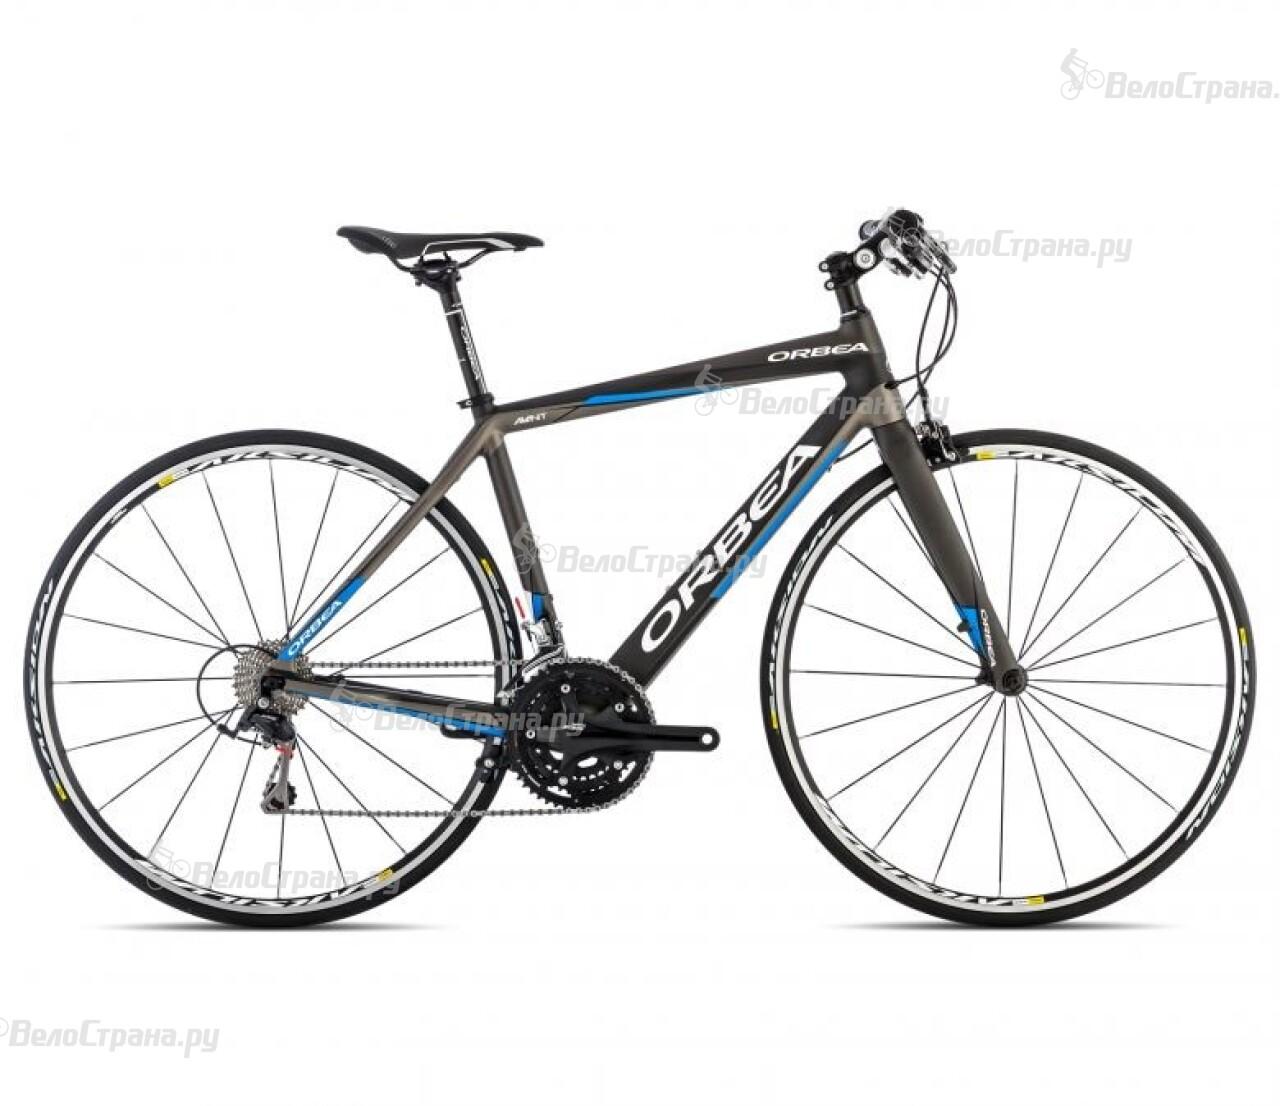 Велосипед Orbea Avant M50 Flat (2014) велосипед wheeler protron 50 2014